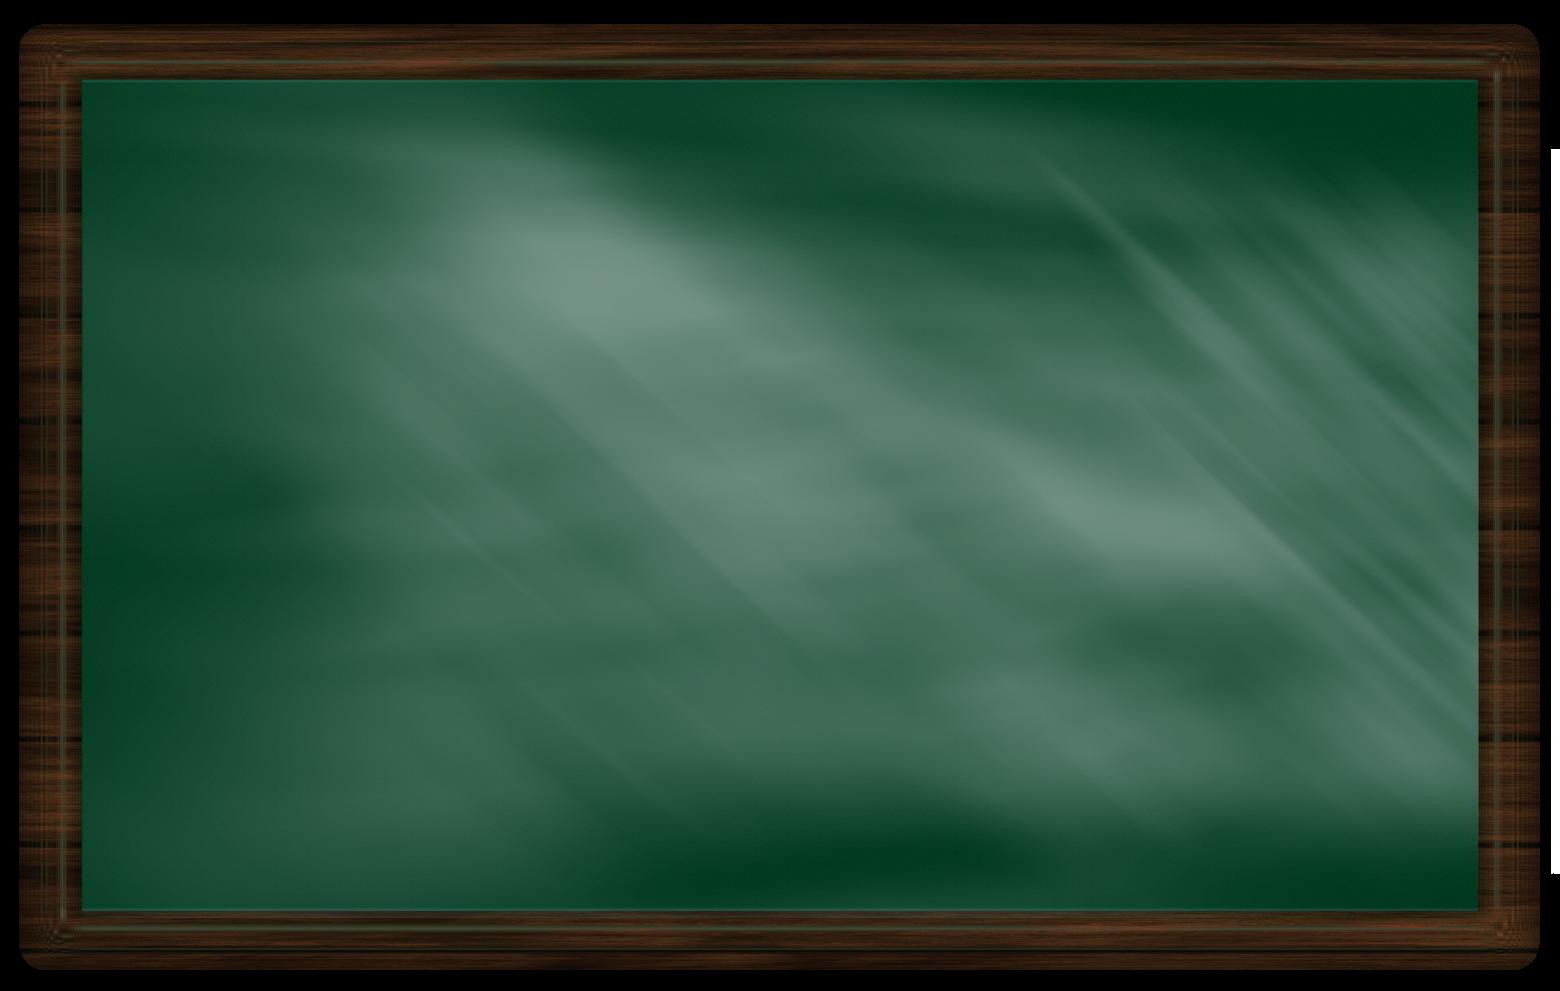 blackboard-436216